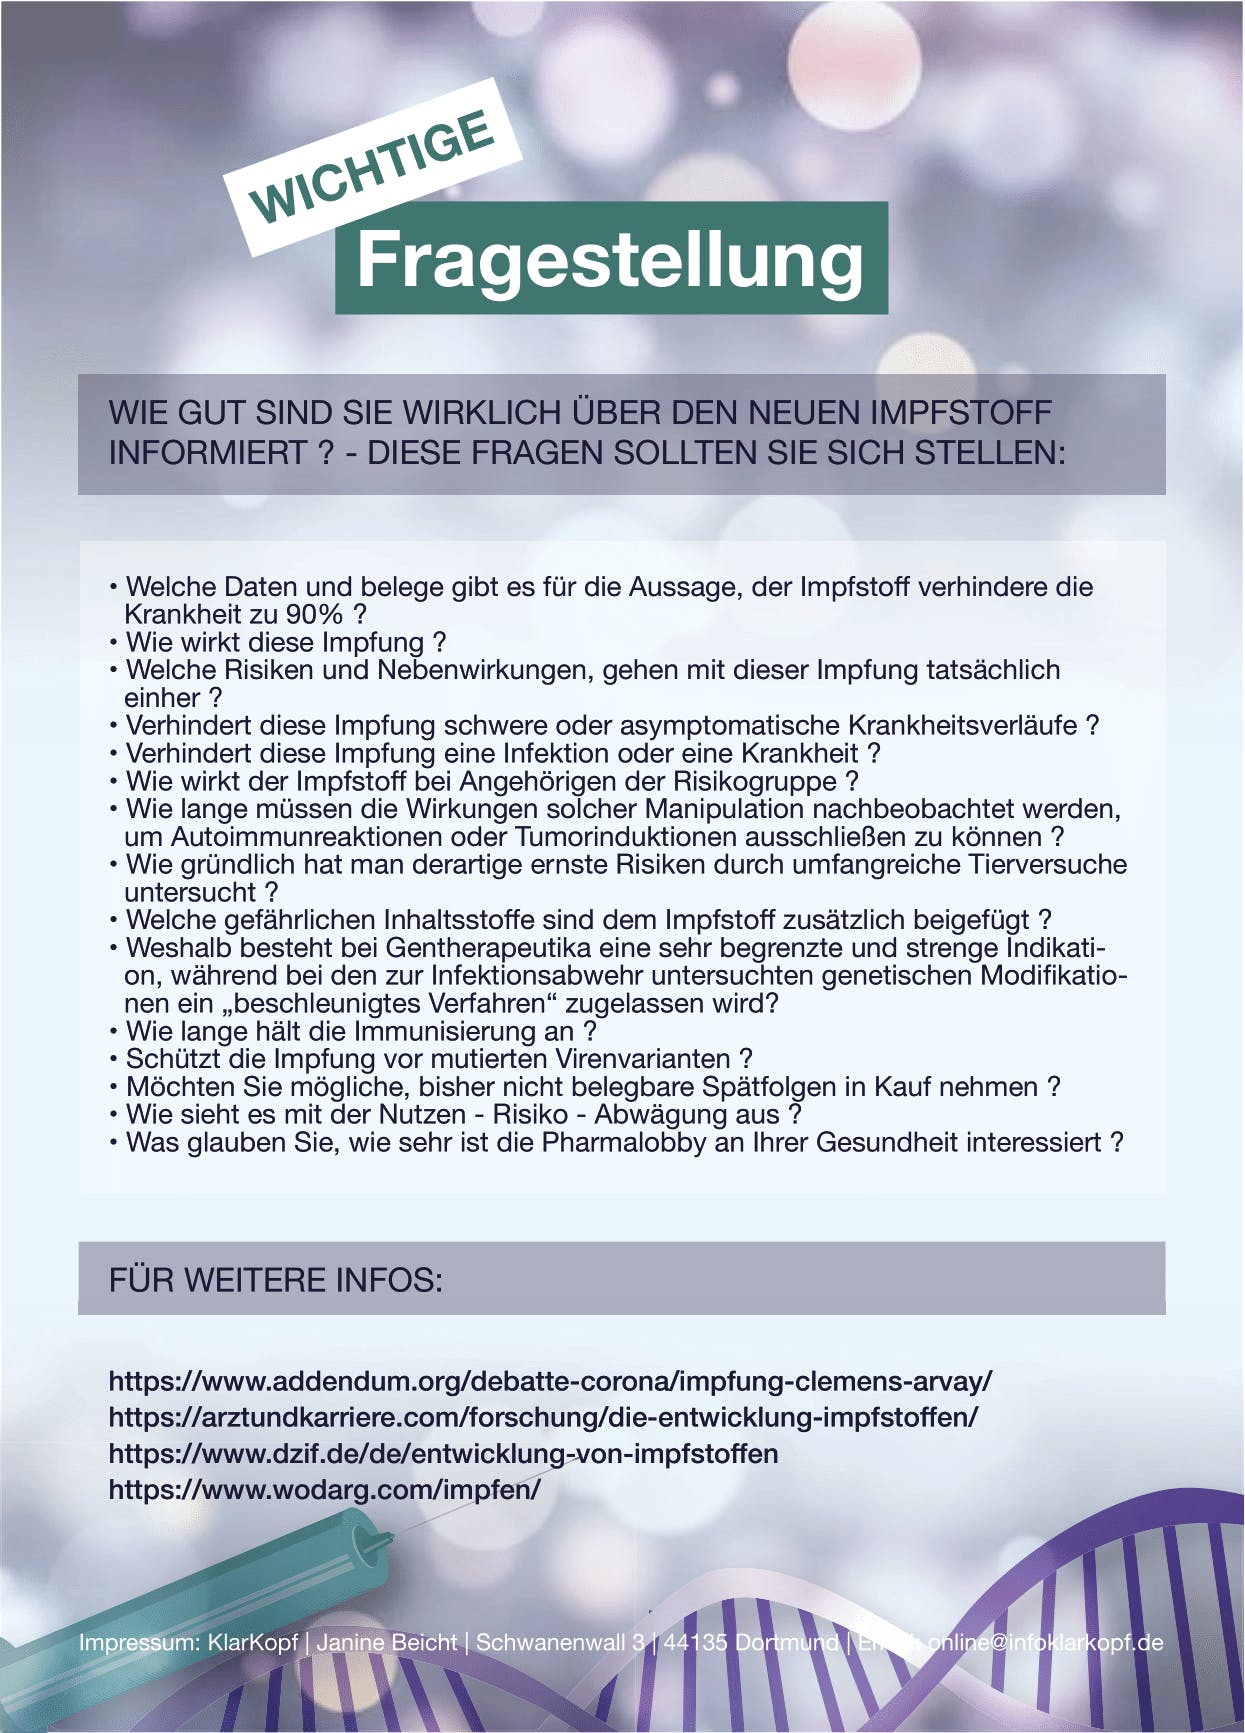 Flyer: DIN A5 -Wichtige Impfinformation (Impfstoff A5 Druck)